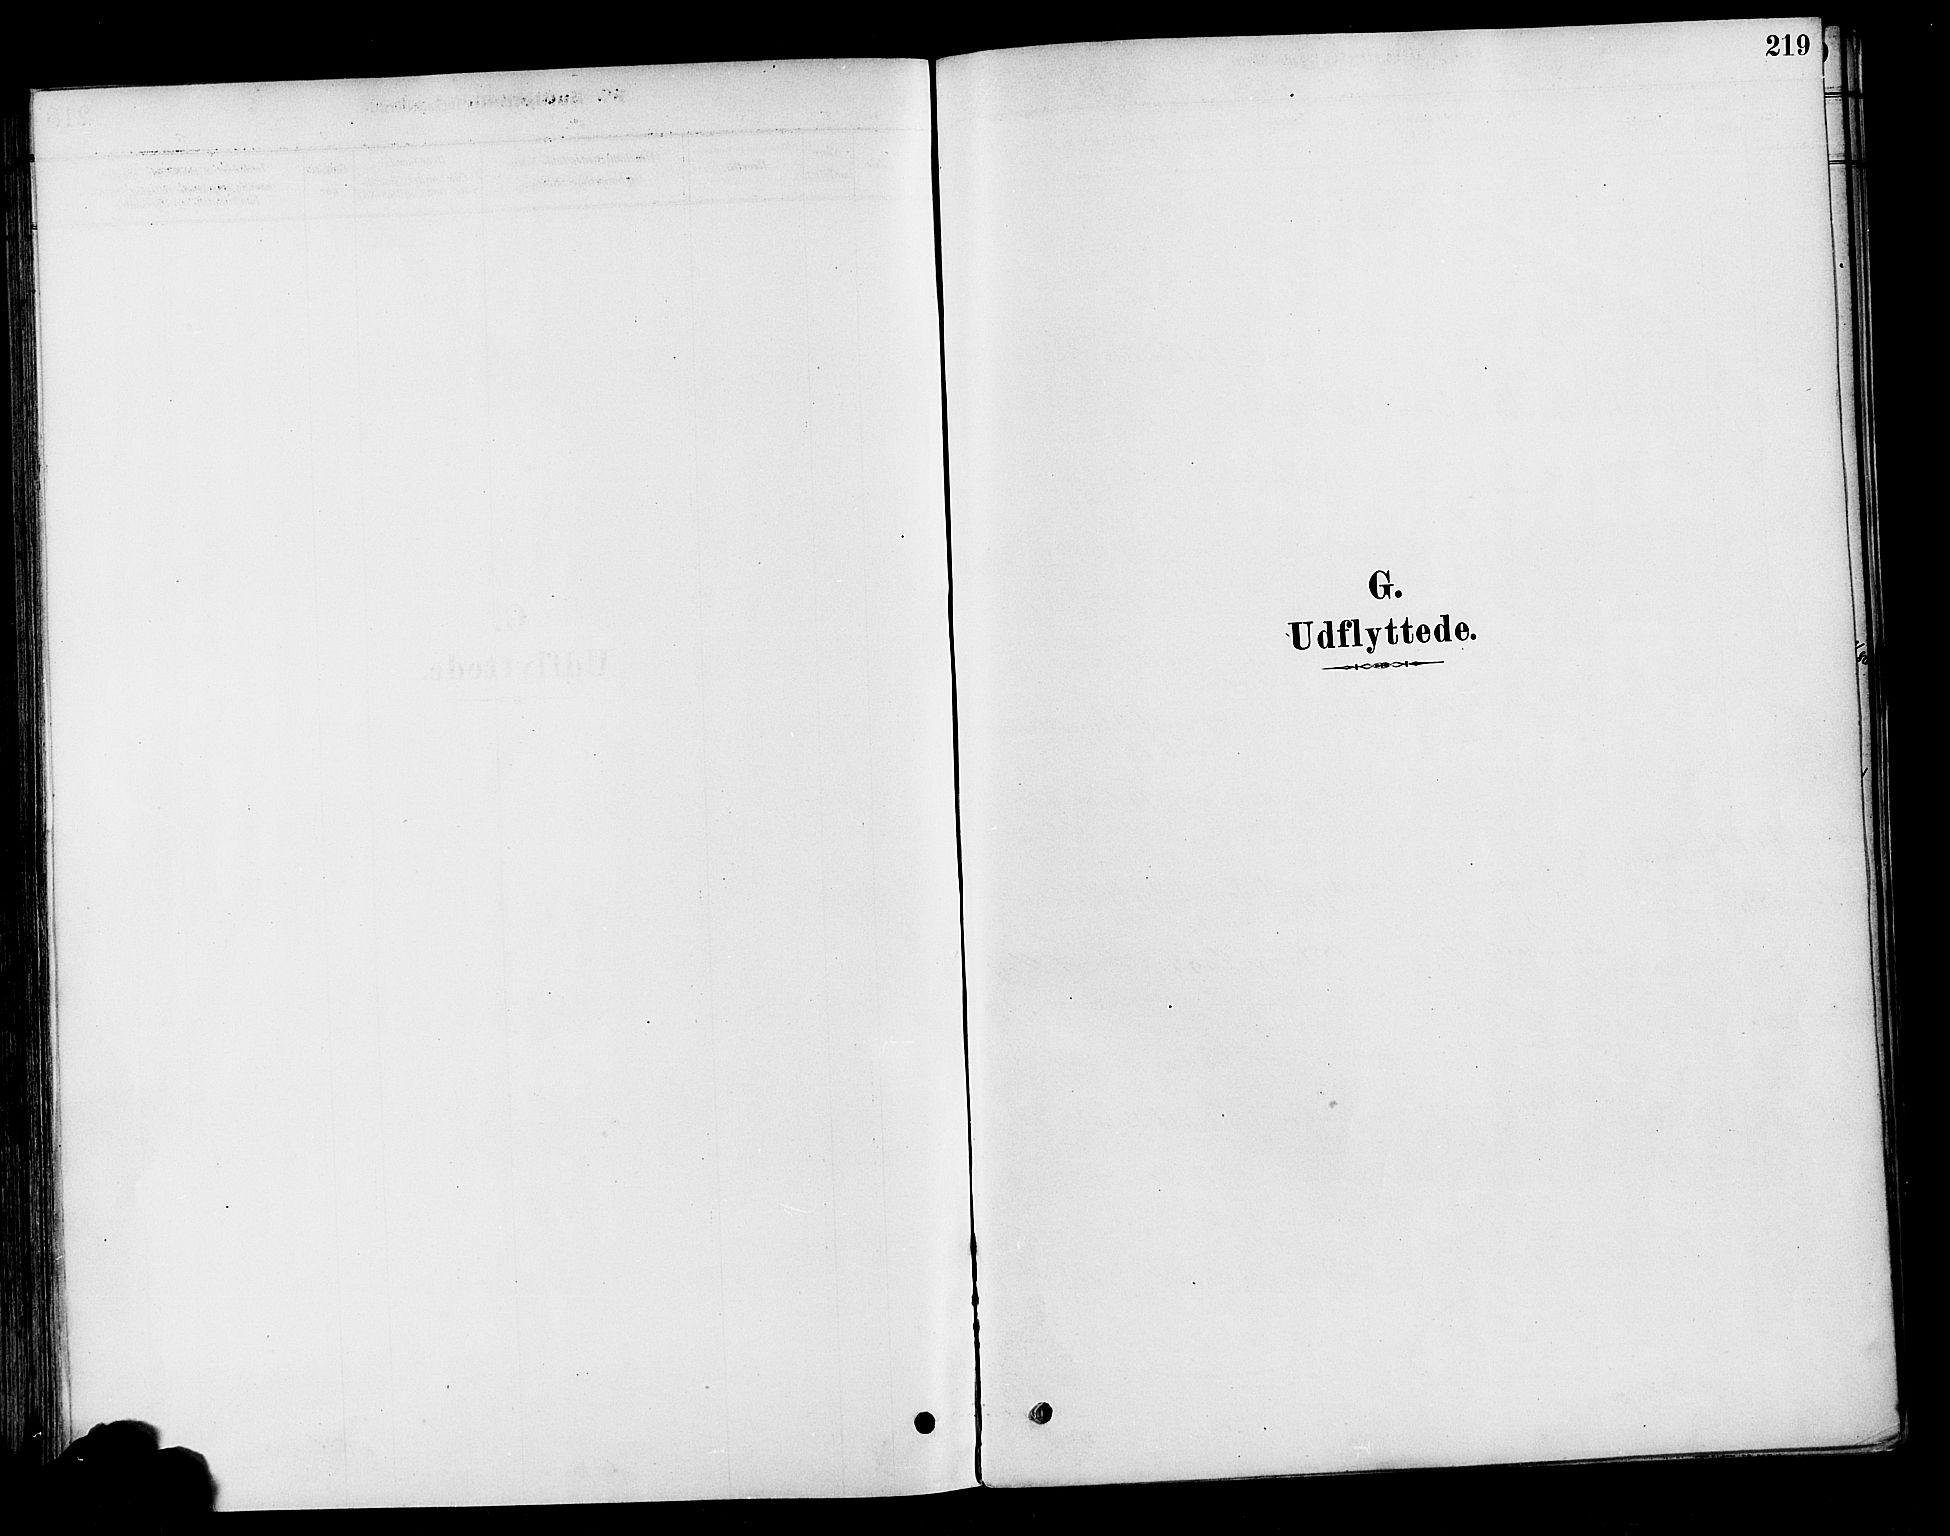 SAH, Vestre Toten prestekontor, Ministerialbok nr. 10, 1878-1894, s. 219